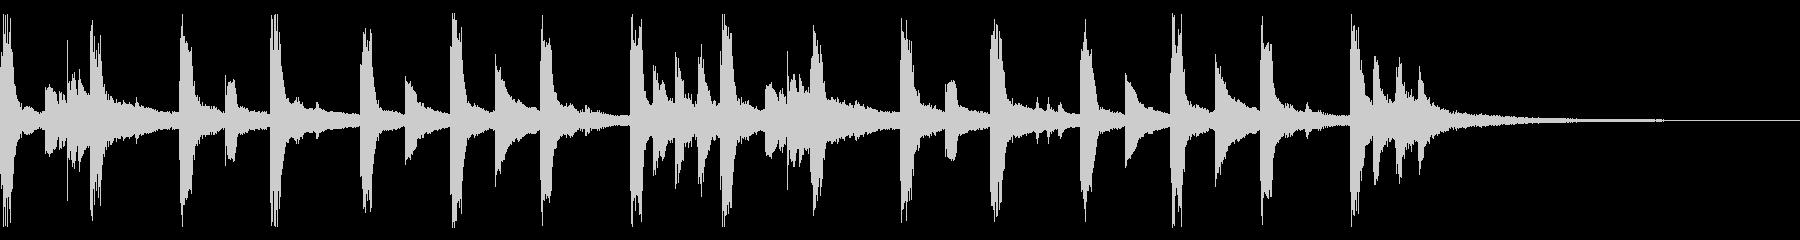 エンディングに合いそうなかわいいジングルの未再生の波形